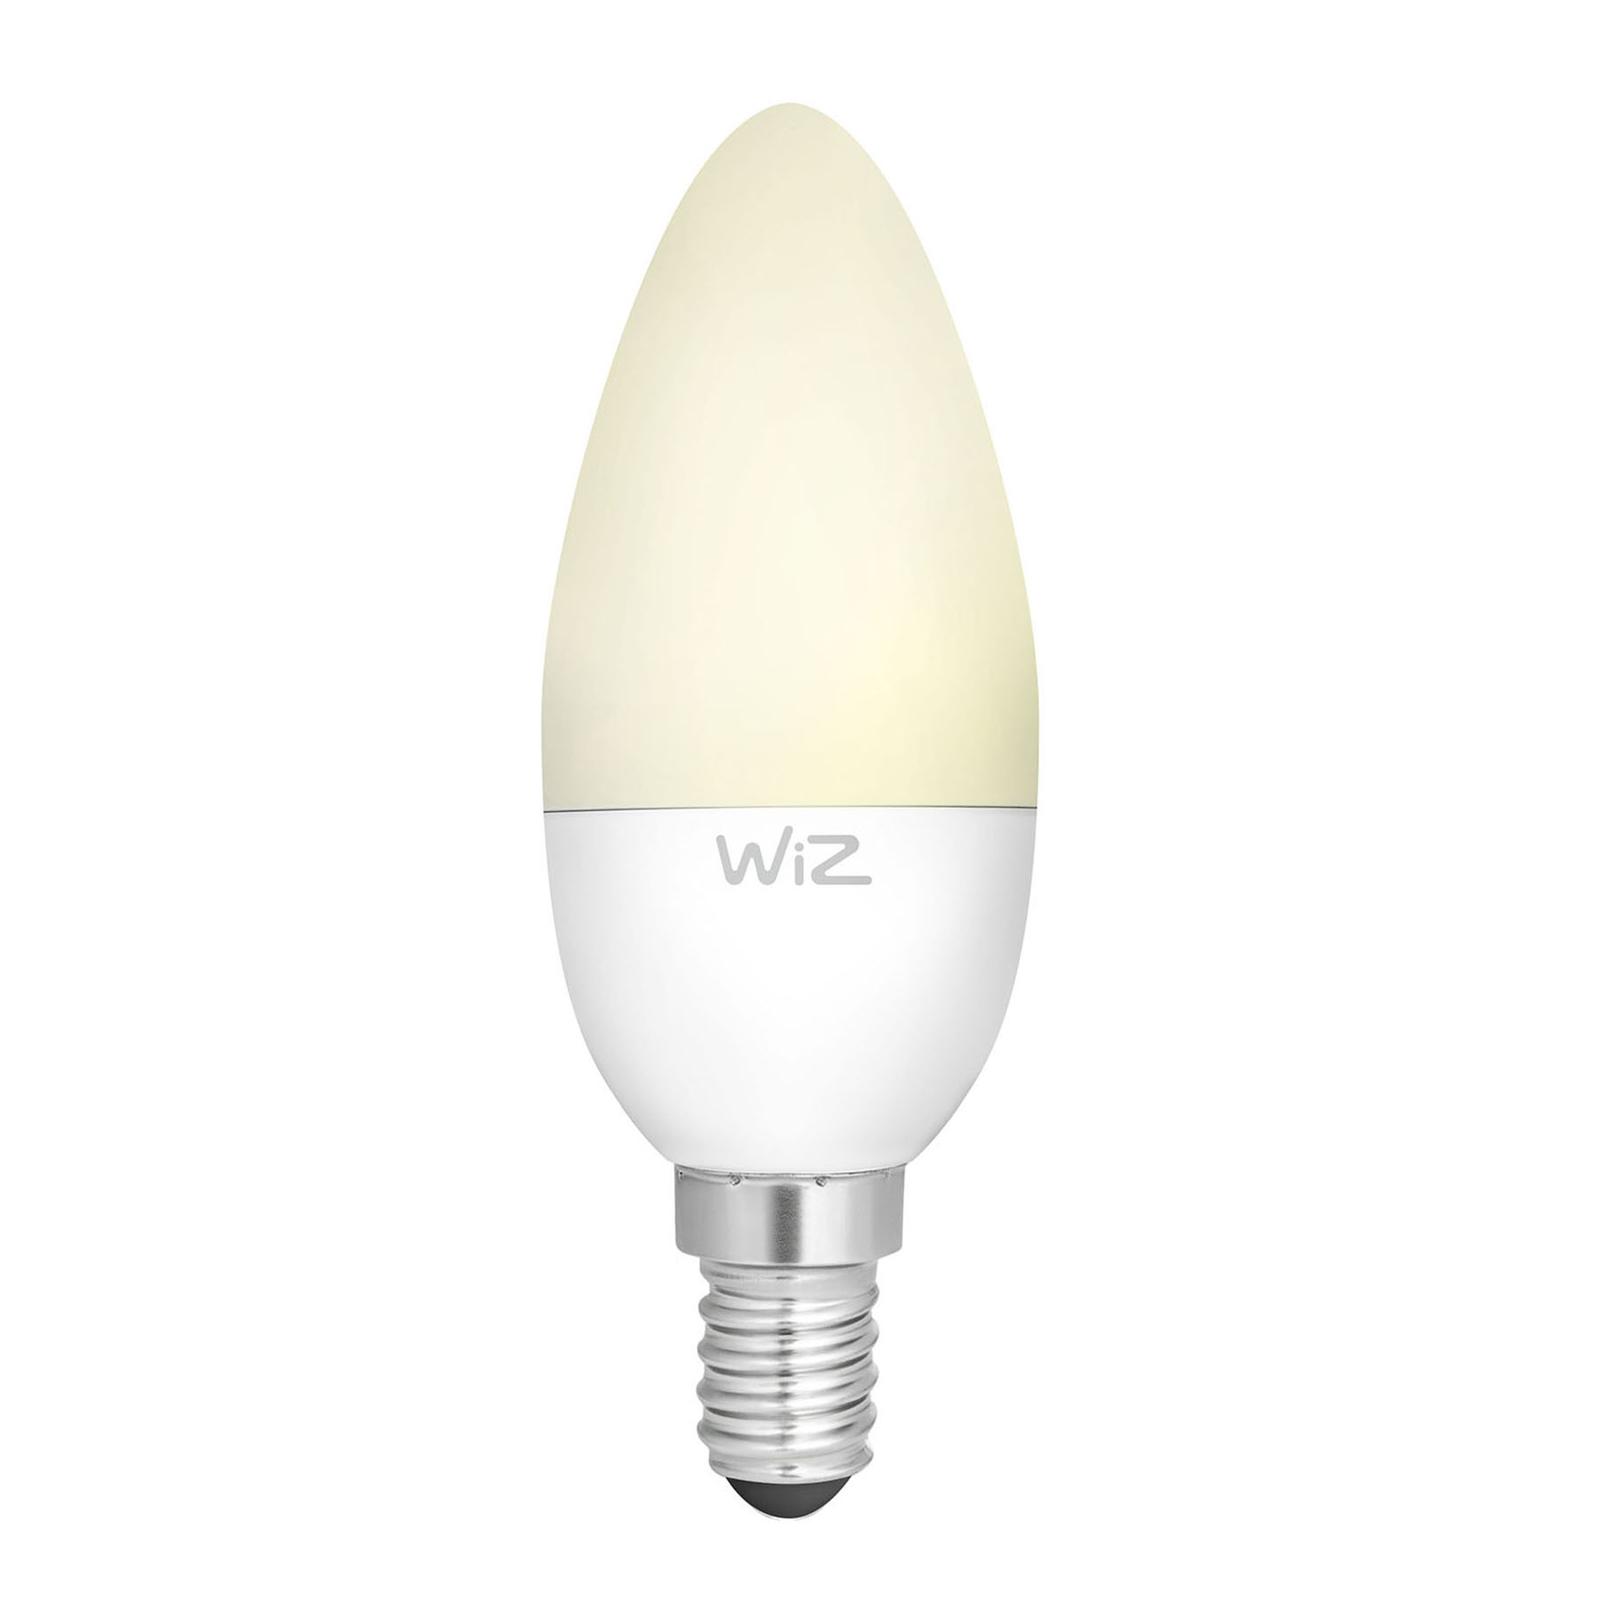 WiZ E14 LED-Lampe Kerze matt 9W 2.700K